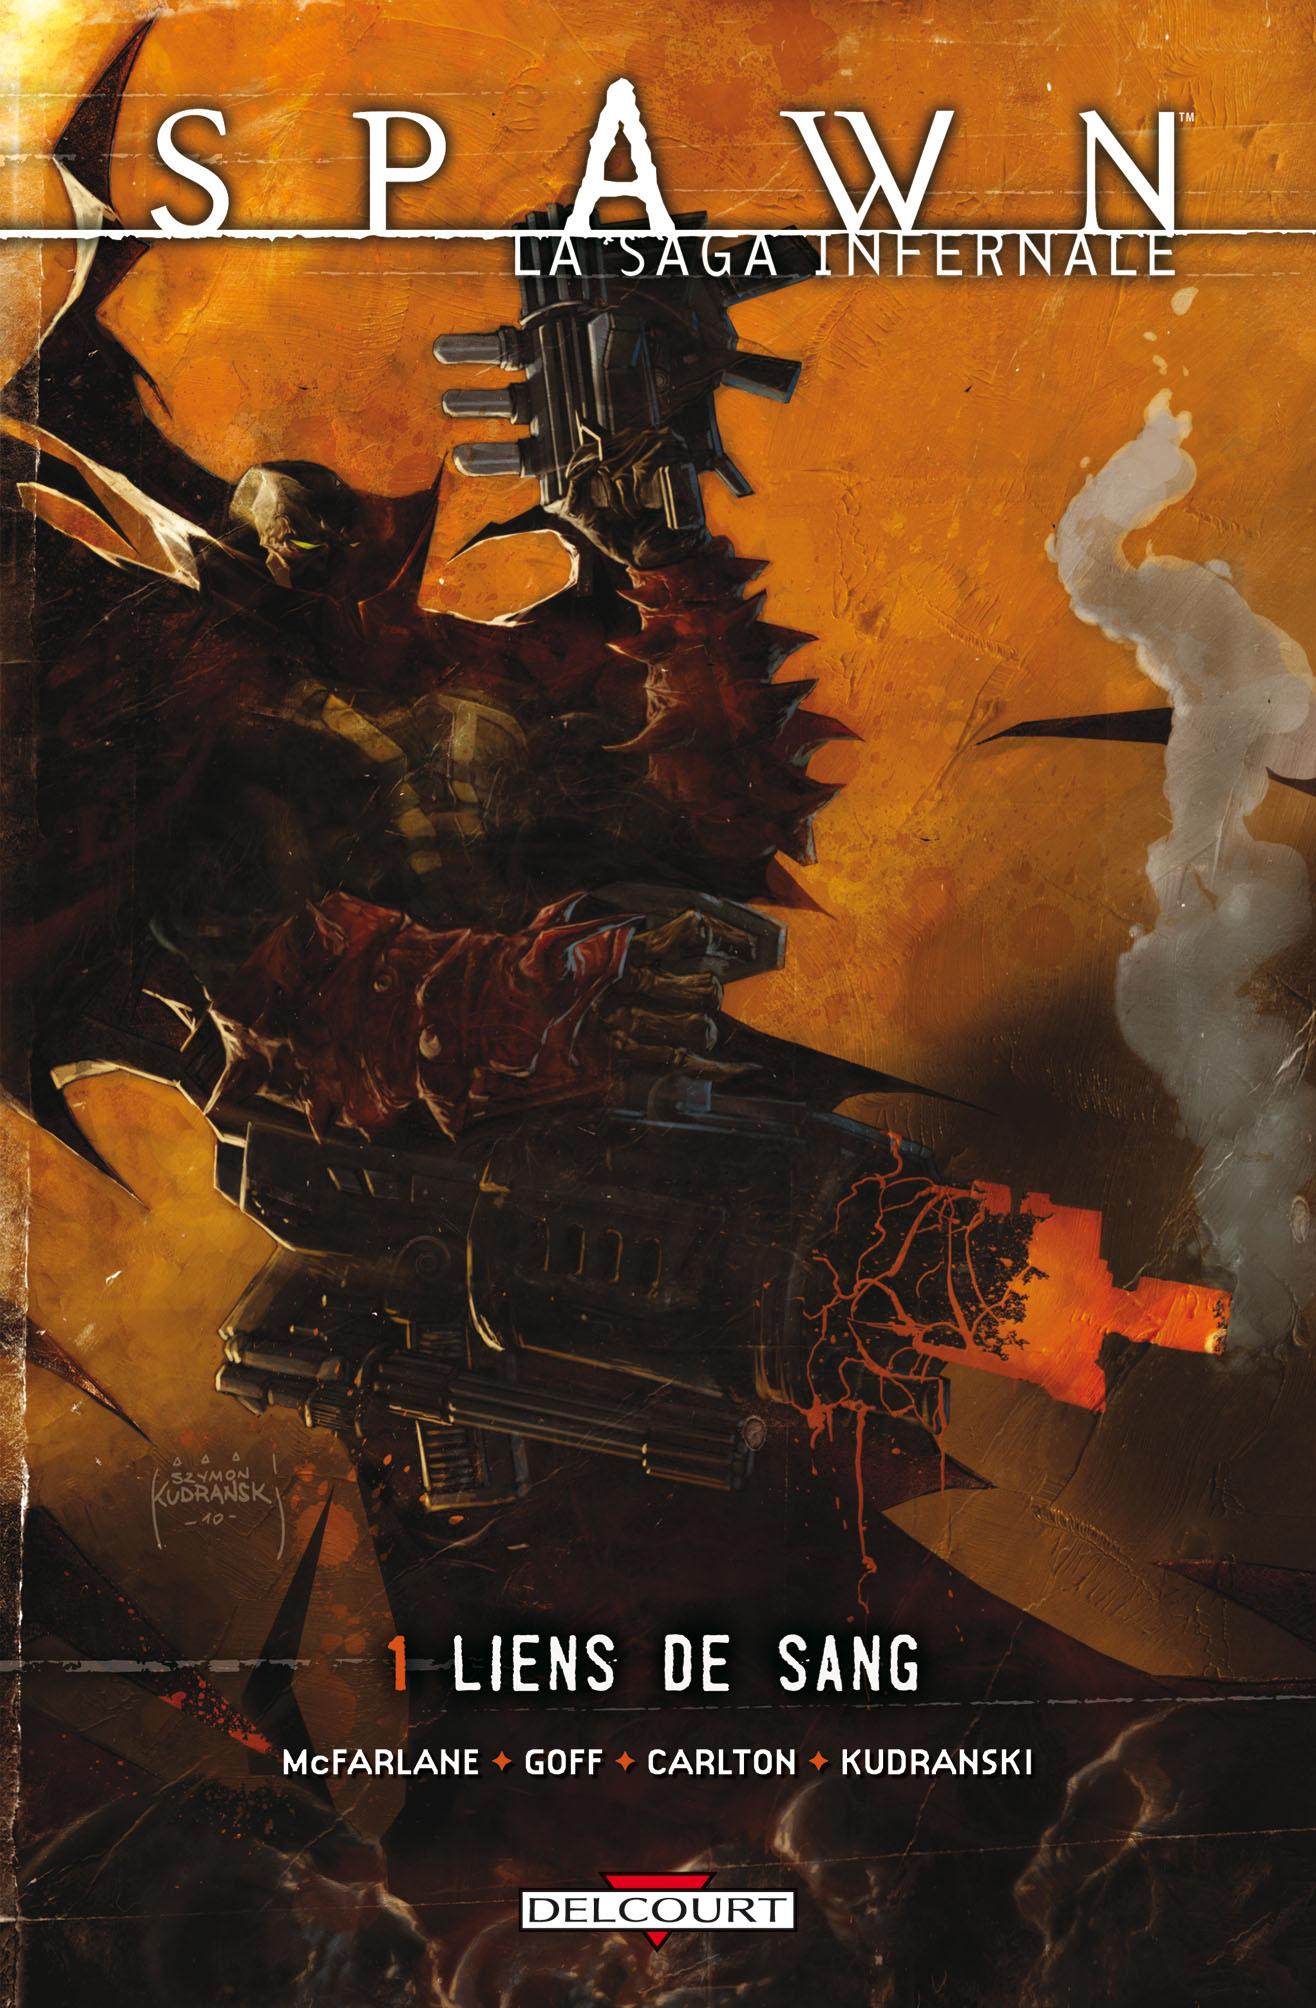 Spawn - La saga infernale 1 - Liens de sang